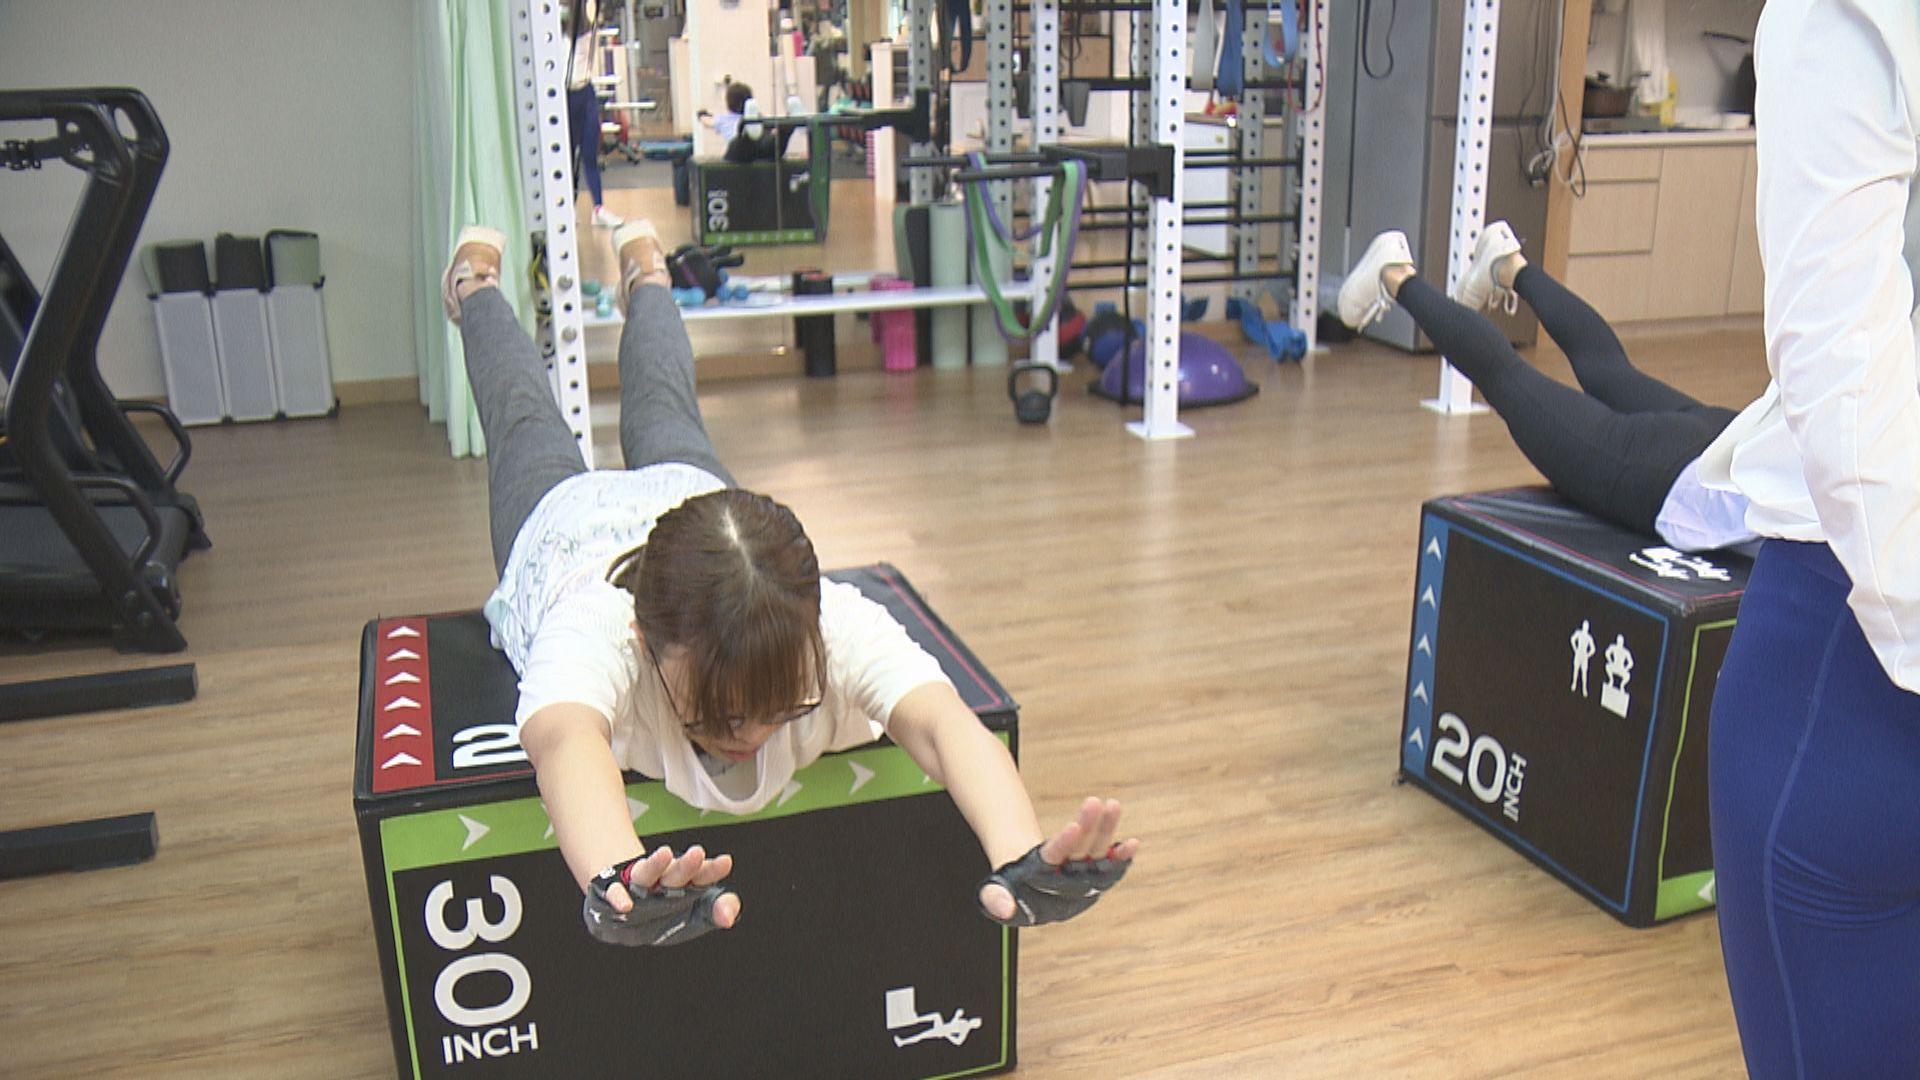 【杏林在線—健康1分鐘+】重返健身室注意事項